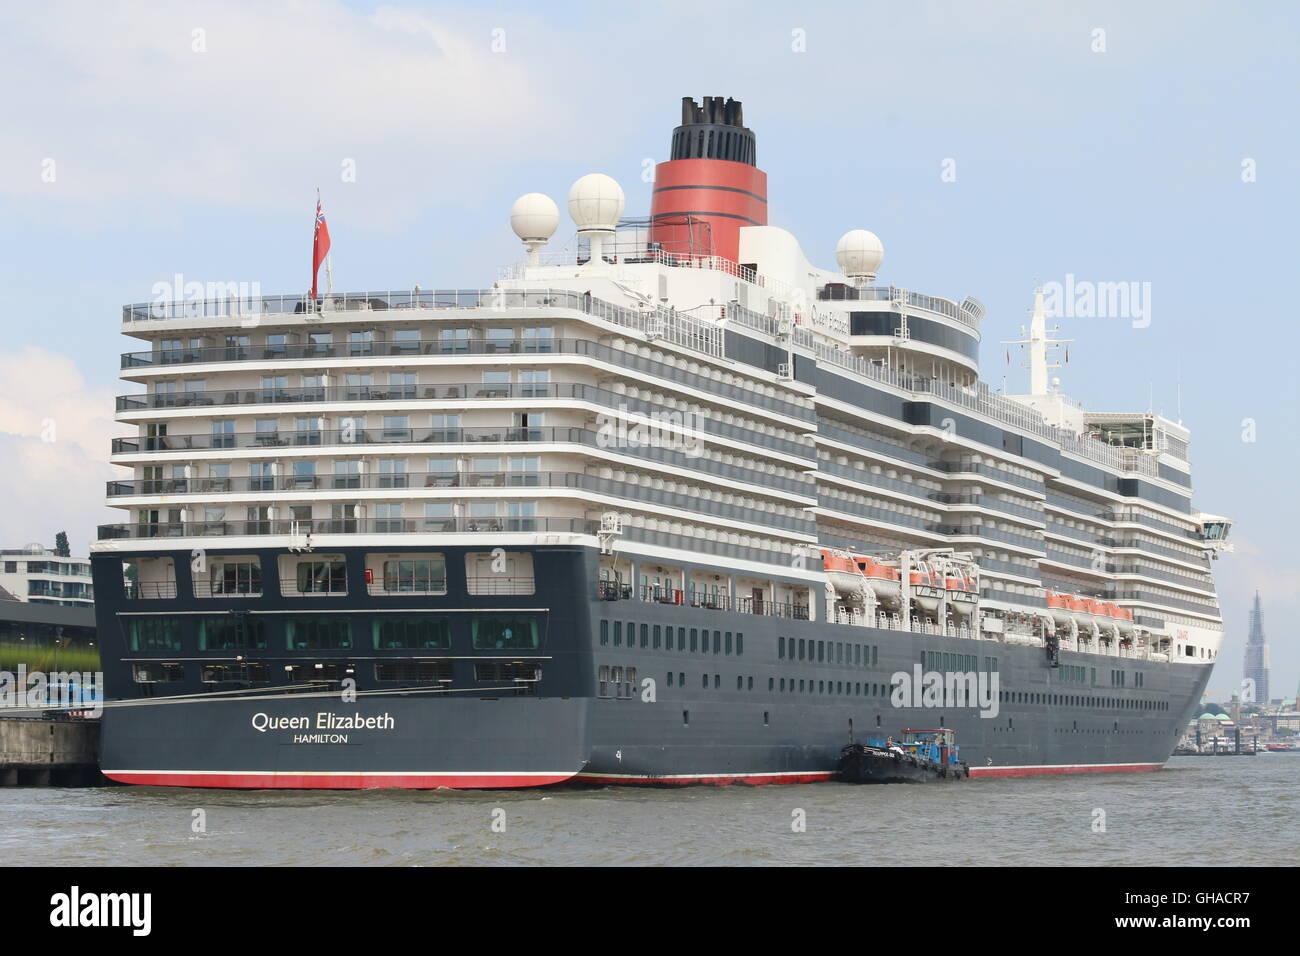 Cunard Cruise Ship Queen Elizabeth junto en Hamburgo, Alemania. Foto de stock